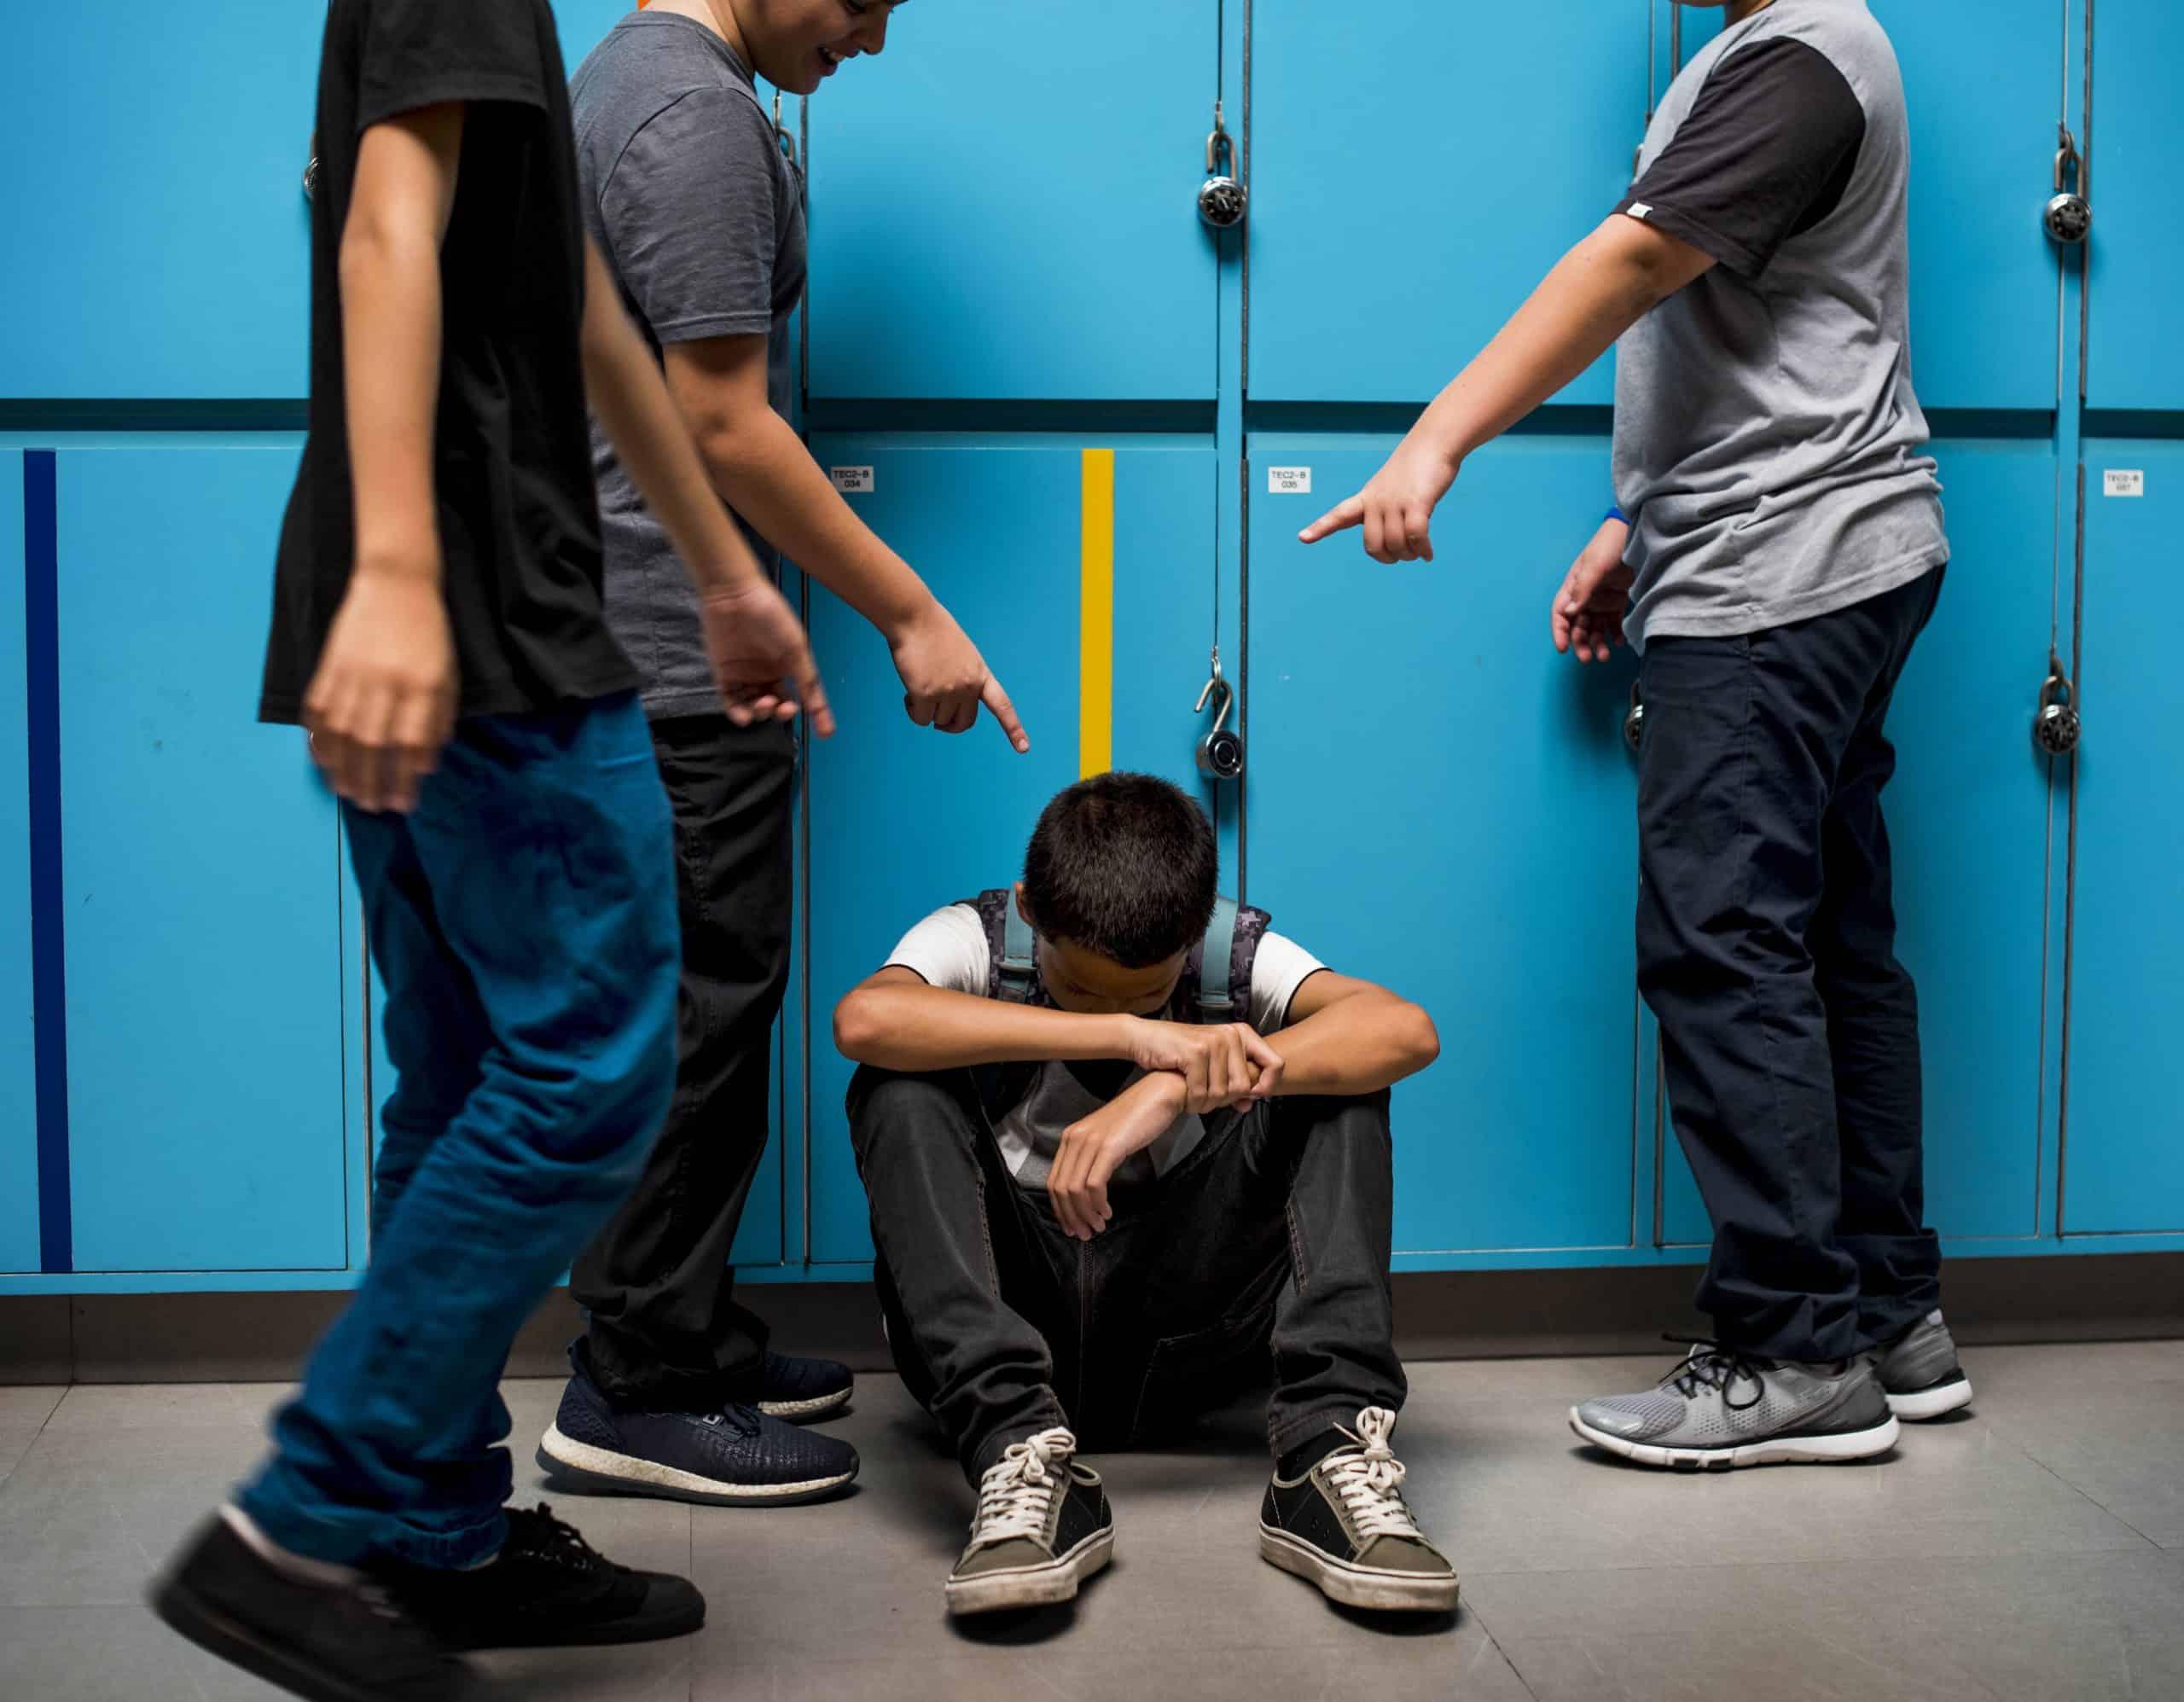 Innate-Therapies_Bullying-image-